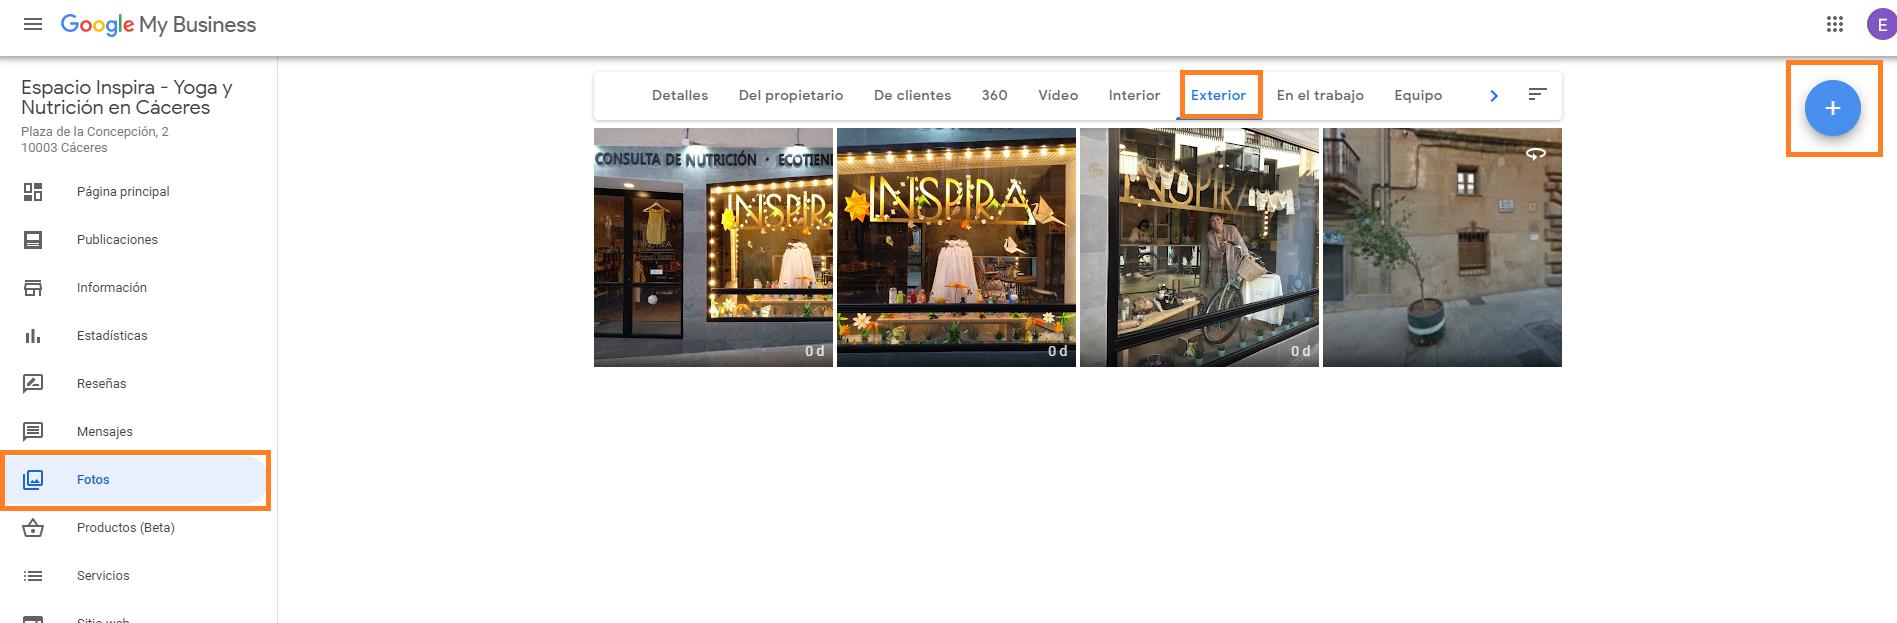 buena FOTOS DE exterior optimizadas como crear buen perfil google my business